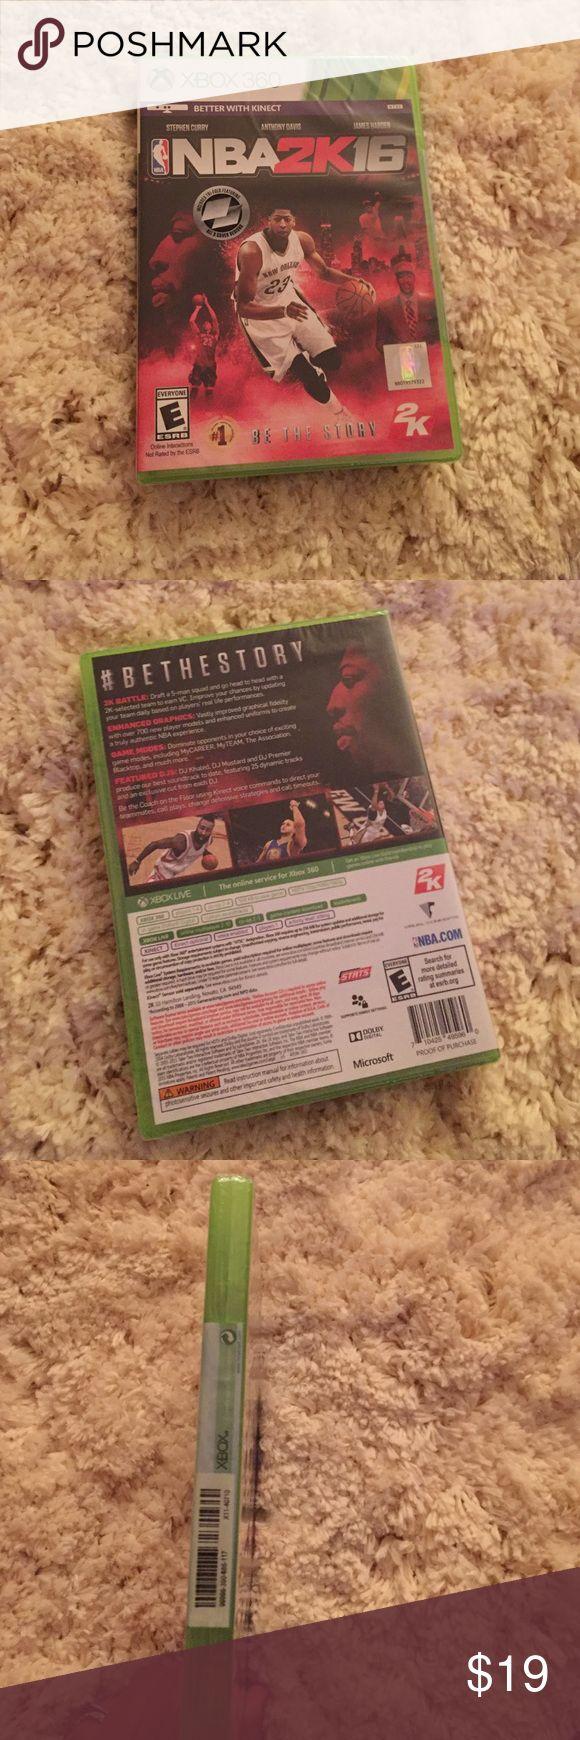 NBA 2K16 brand new Xbox 360 Xbox 360 Accessories